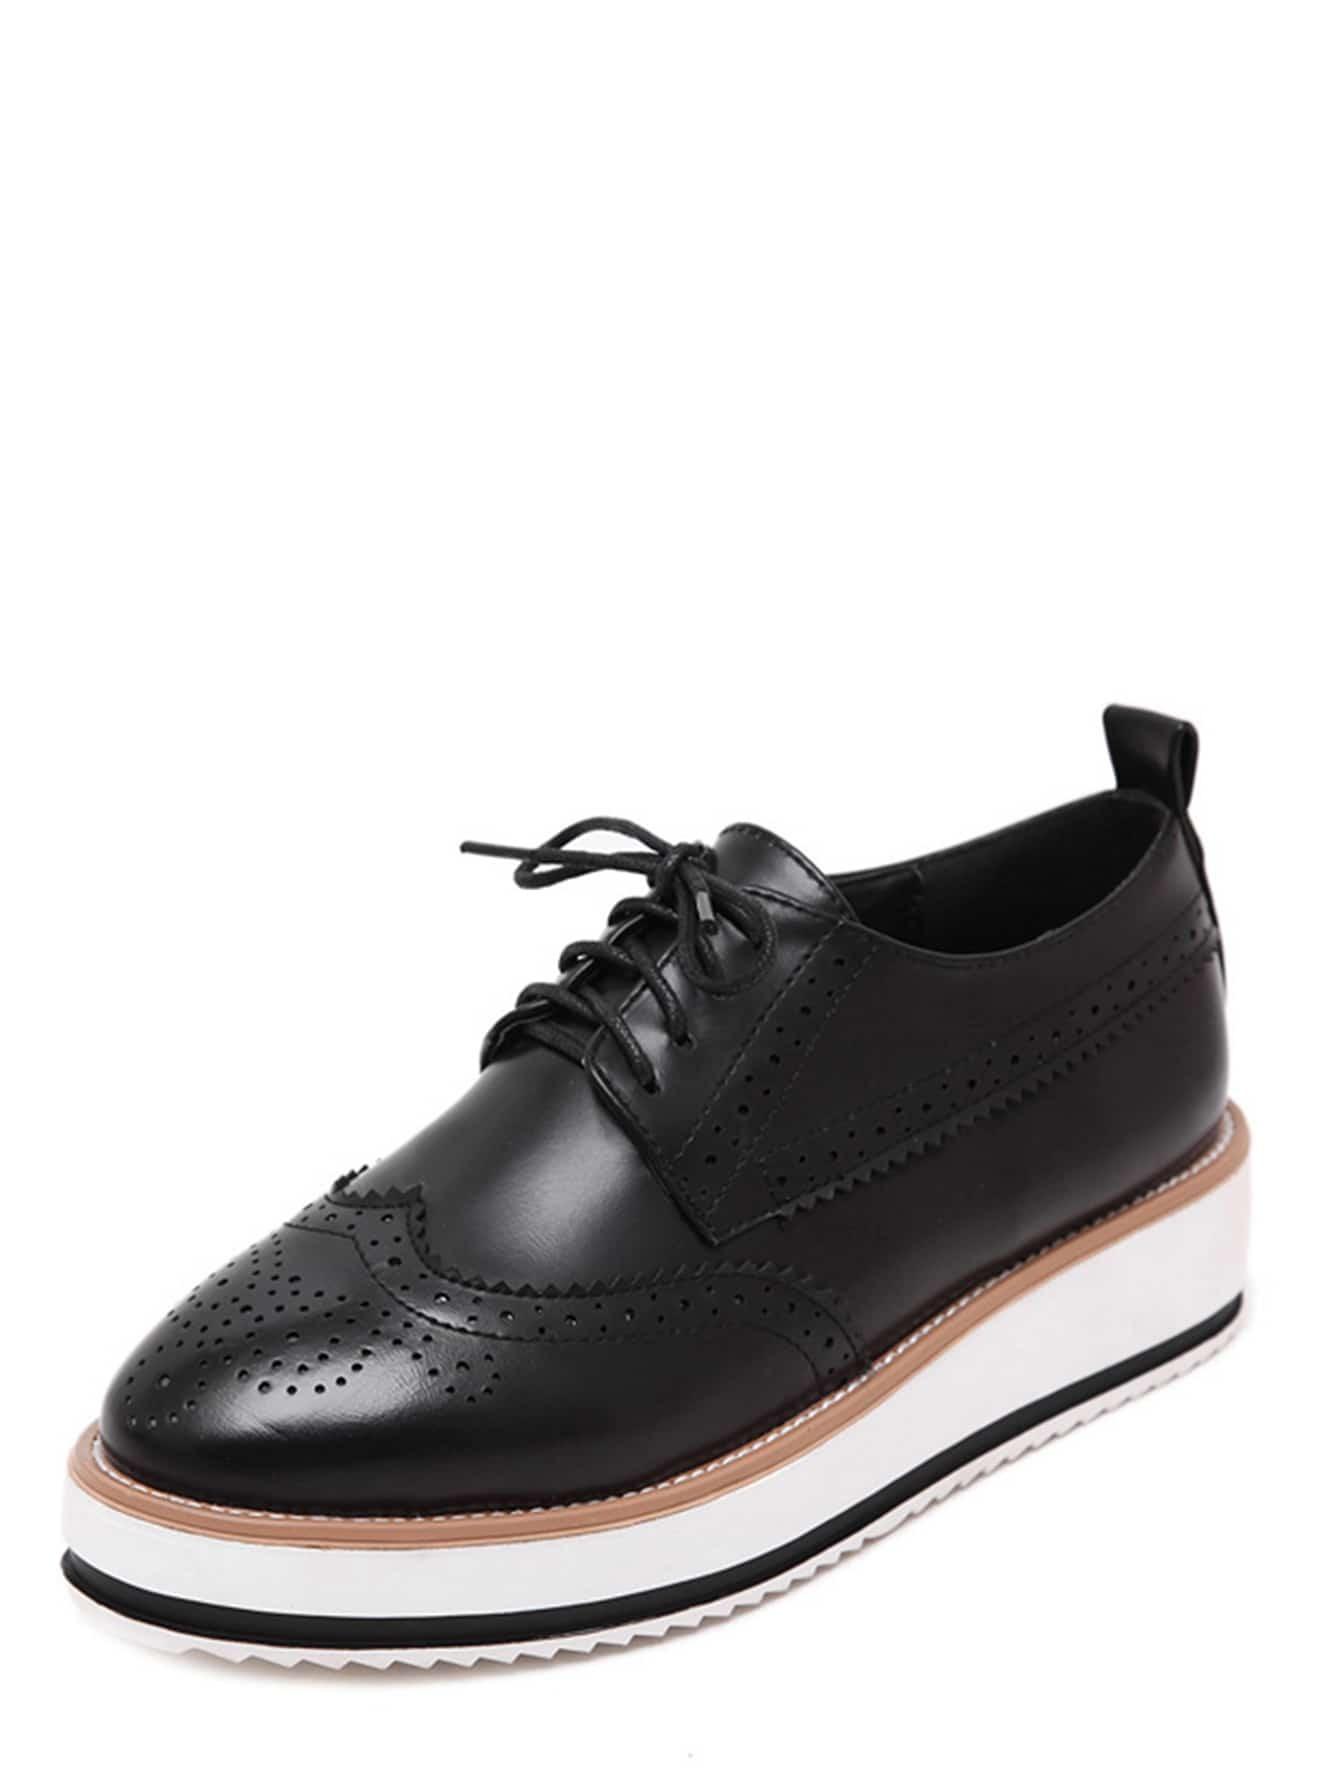 shoes160823814_2